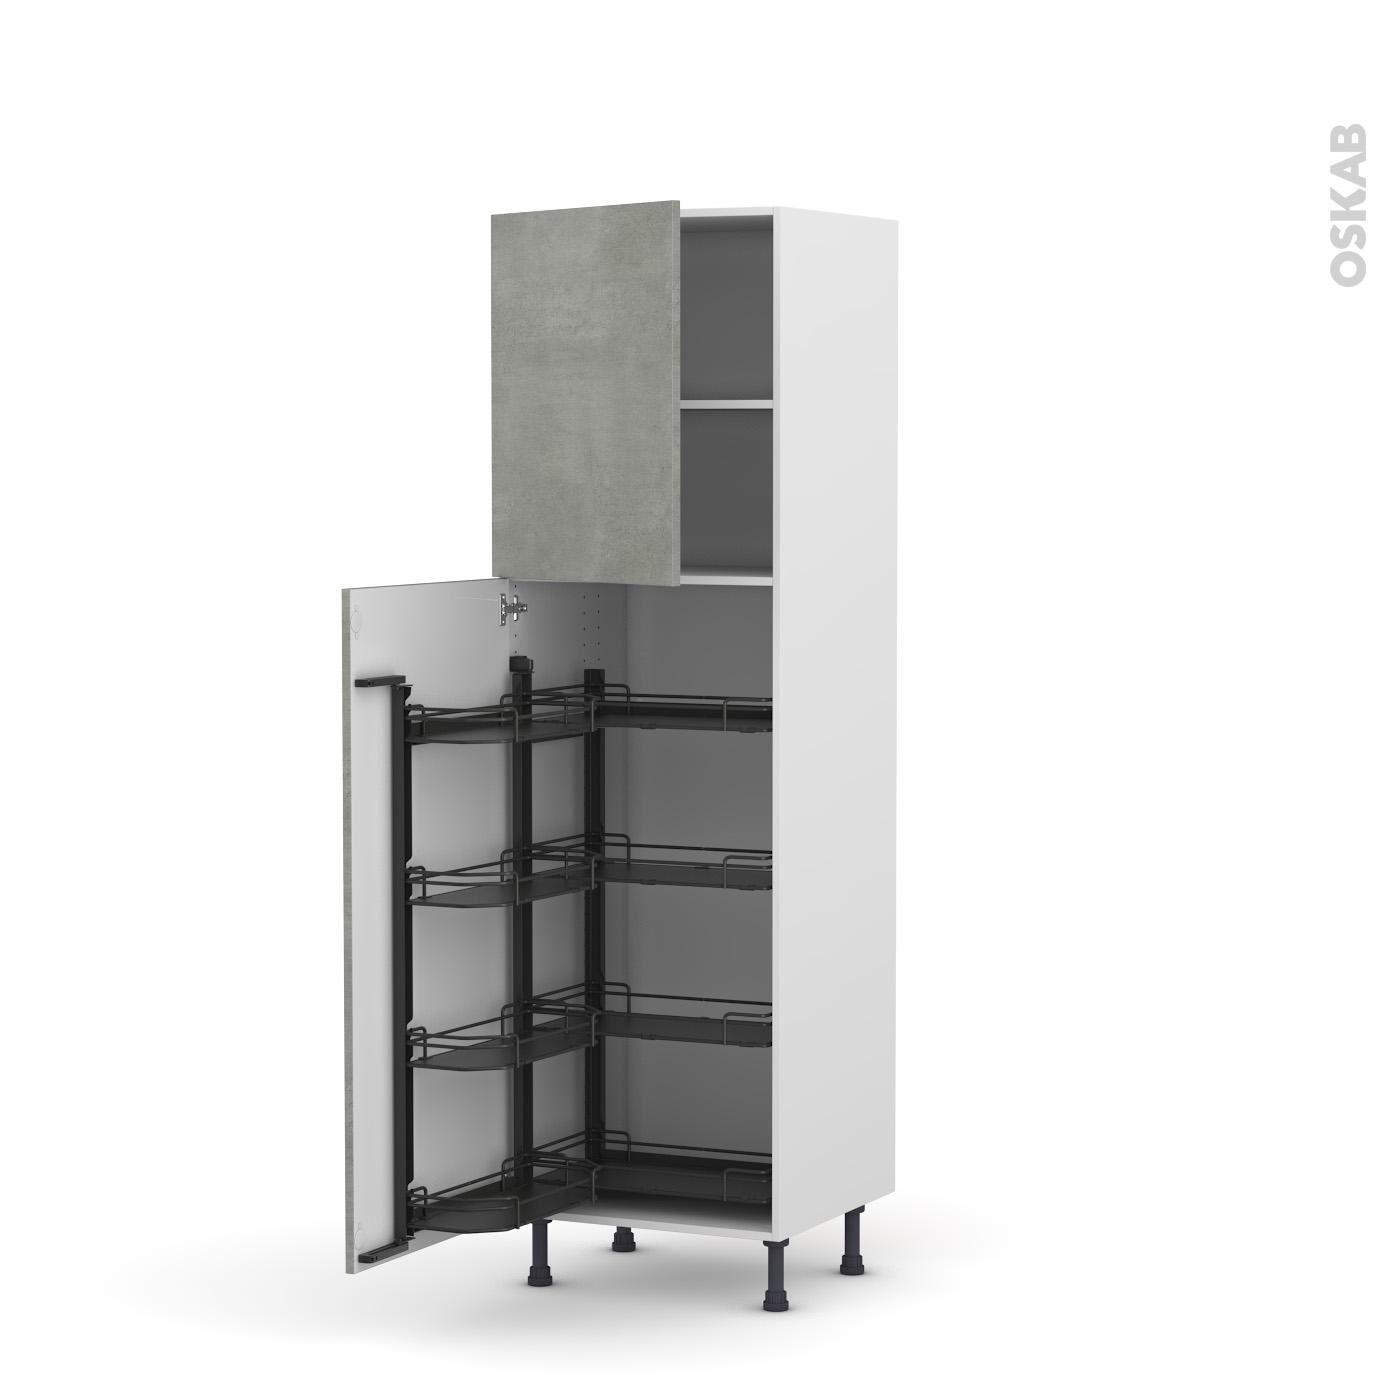 colonne de cuisine n°27 armoire de rangement fakto béton 8 paniers